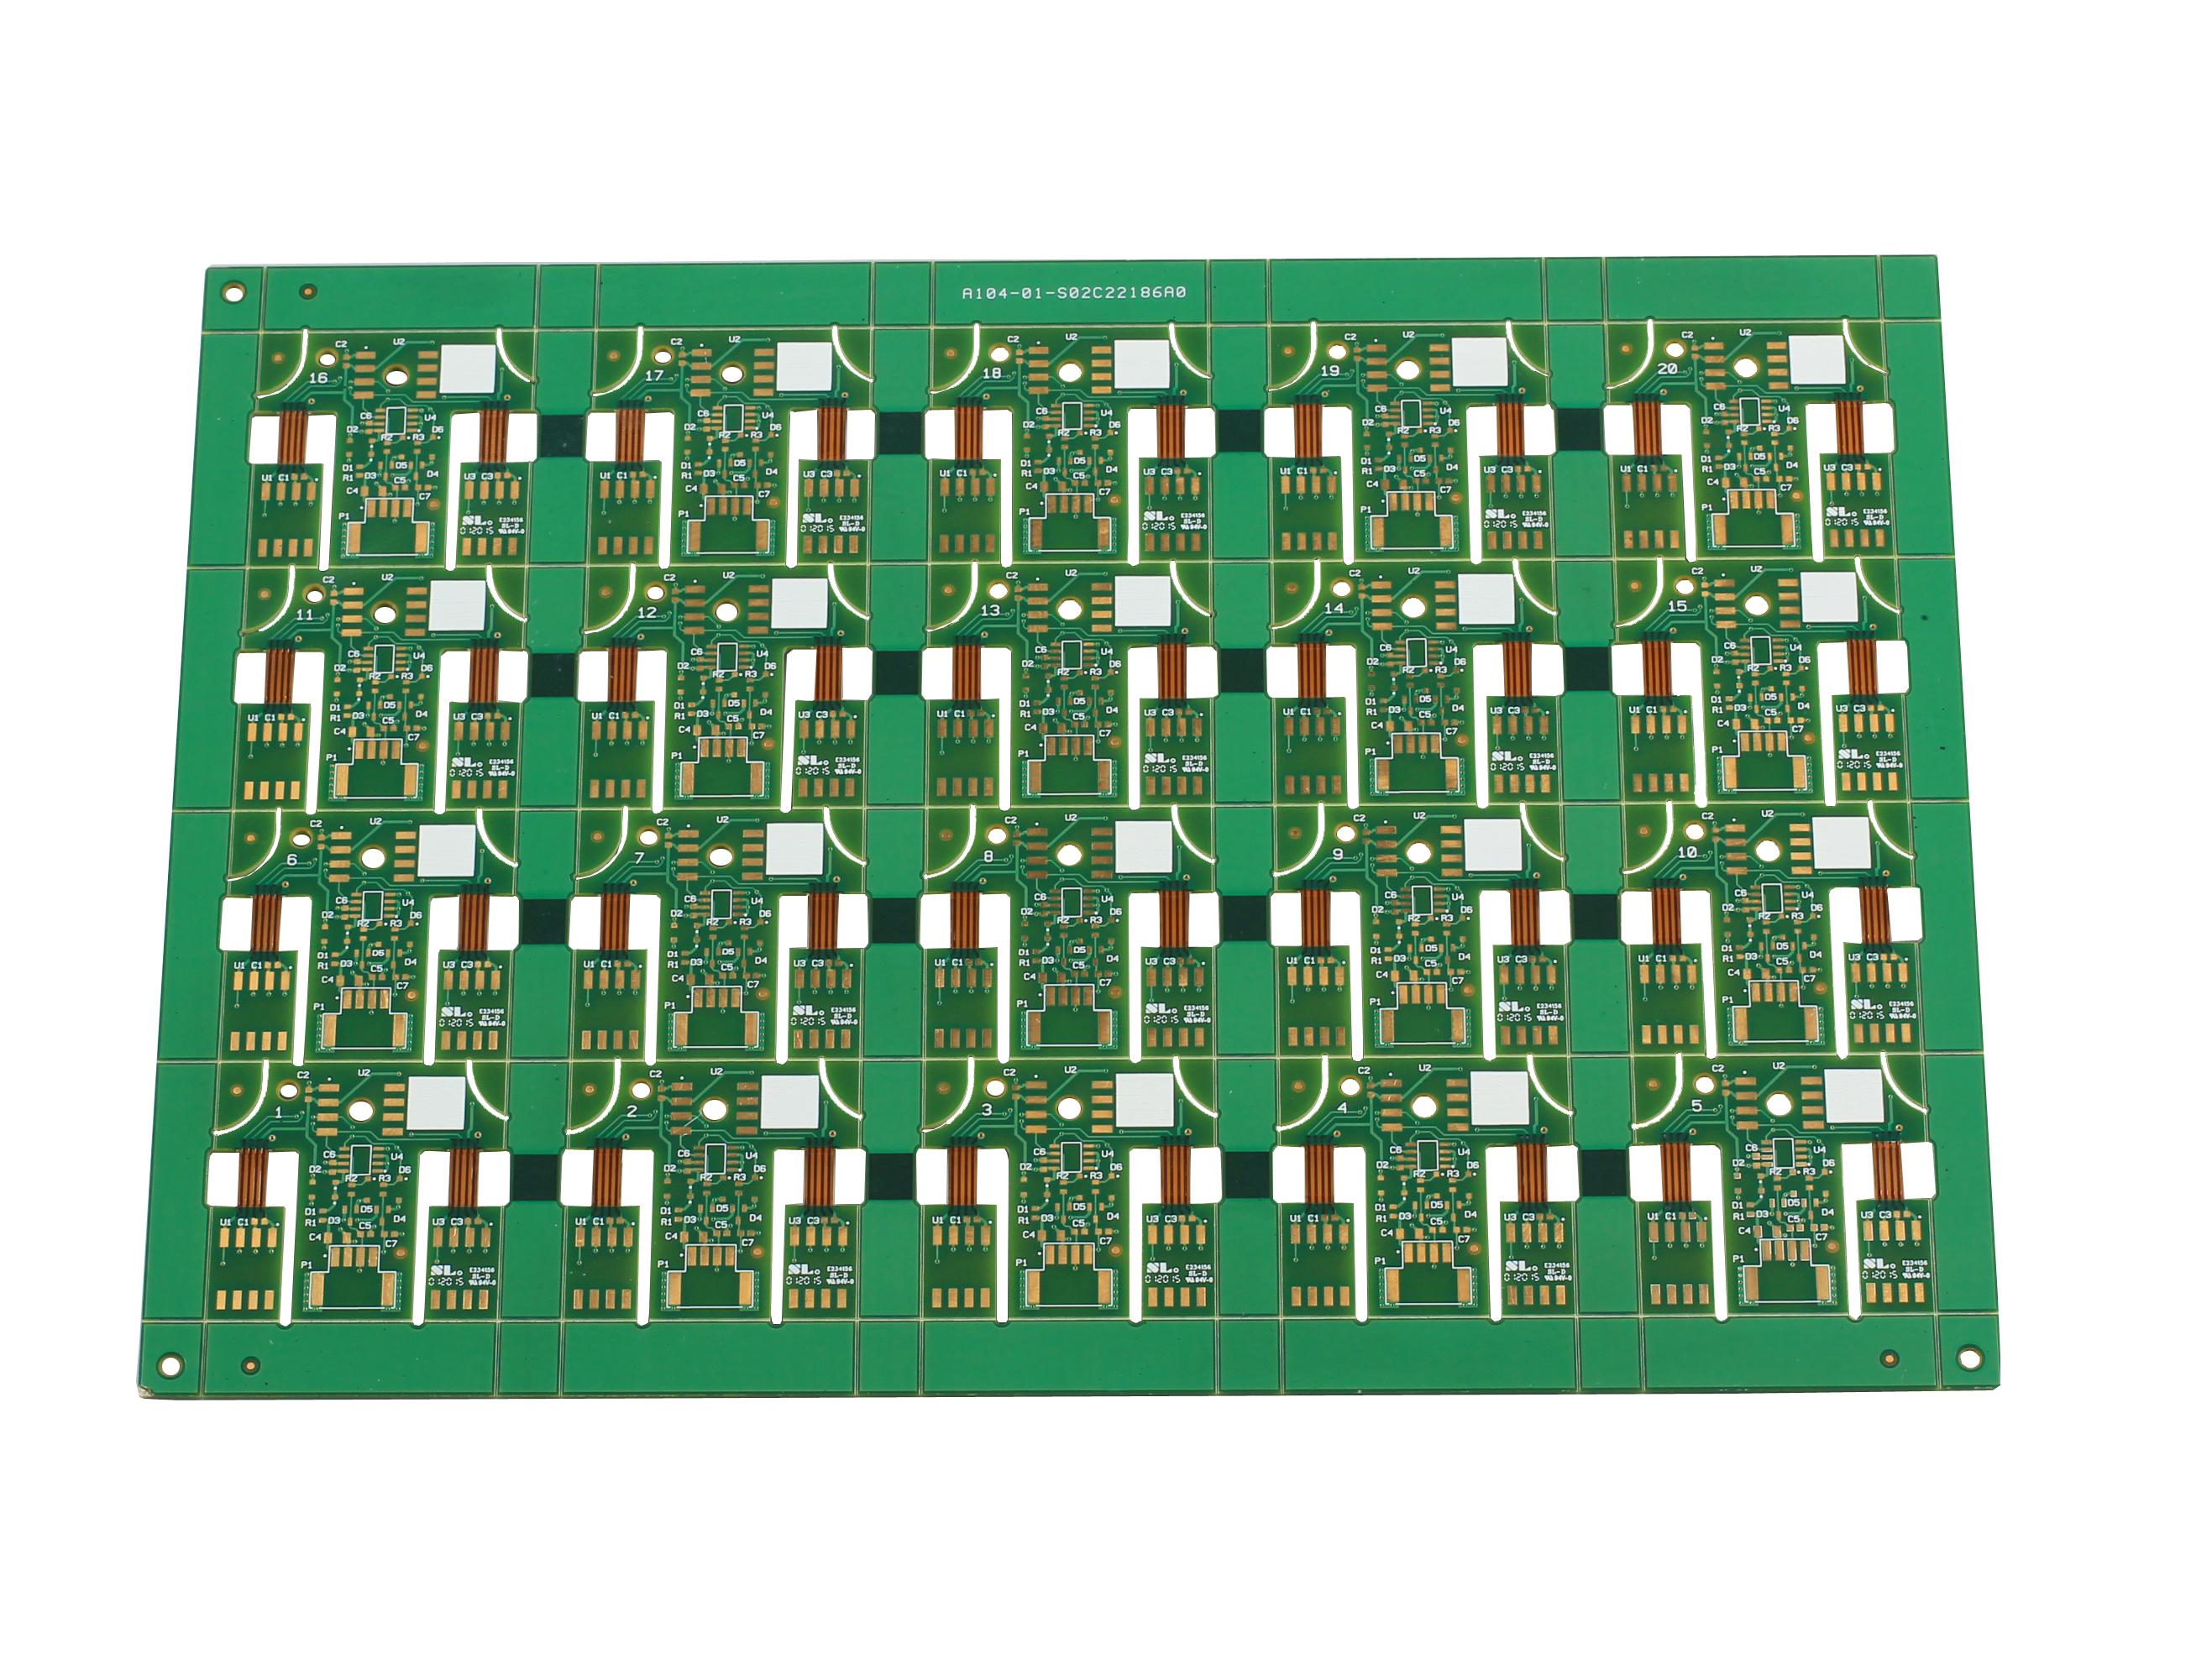 怎么检查PCB线路板短路?电路板厂教您简单六招排查。 一、电脑上打开PCB设计图,把短路的网络点亮,看看什么地方离得最近,最容易连到一块。特别要注意IC内部的短路。 二、如果是人工焊接,要养成好的习惯: 1、焊接前要目视检查一遍PCB板,并用万用表检查关键电路(特别是电源与地)是否短路; 2、每次焊接完一个芯片就用万用表测一下电源和地是否短路; 3、焊接时不要乱甩烙铁,如果把焊锡甩到芯片的焊脚上(特别是表贴元件),就不容易查到。 三、发现有短路现象。拿一块板来割线(特别适合单/双层板),割线后将每部分功能